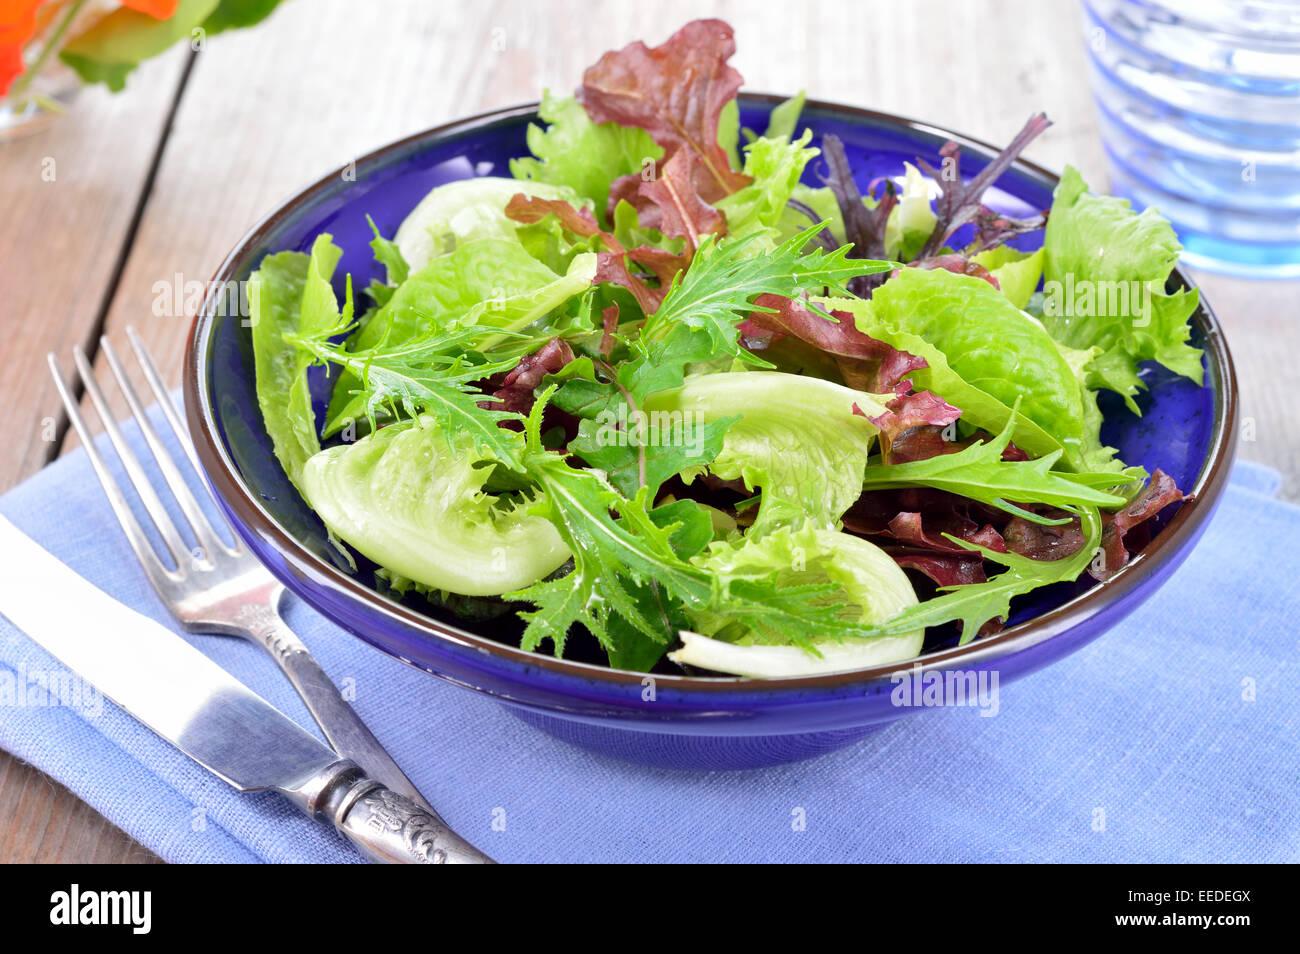 Lumière douce salade de feuilles verte. Mizuna laitue, roquette, laitue et oakleave dans bol bleu sur une table. Photo Stock